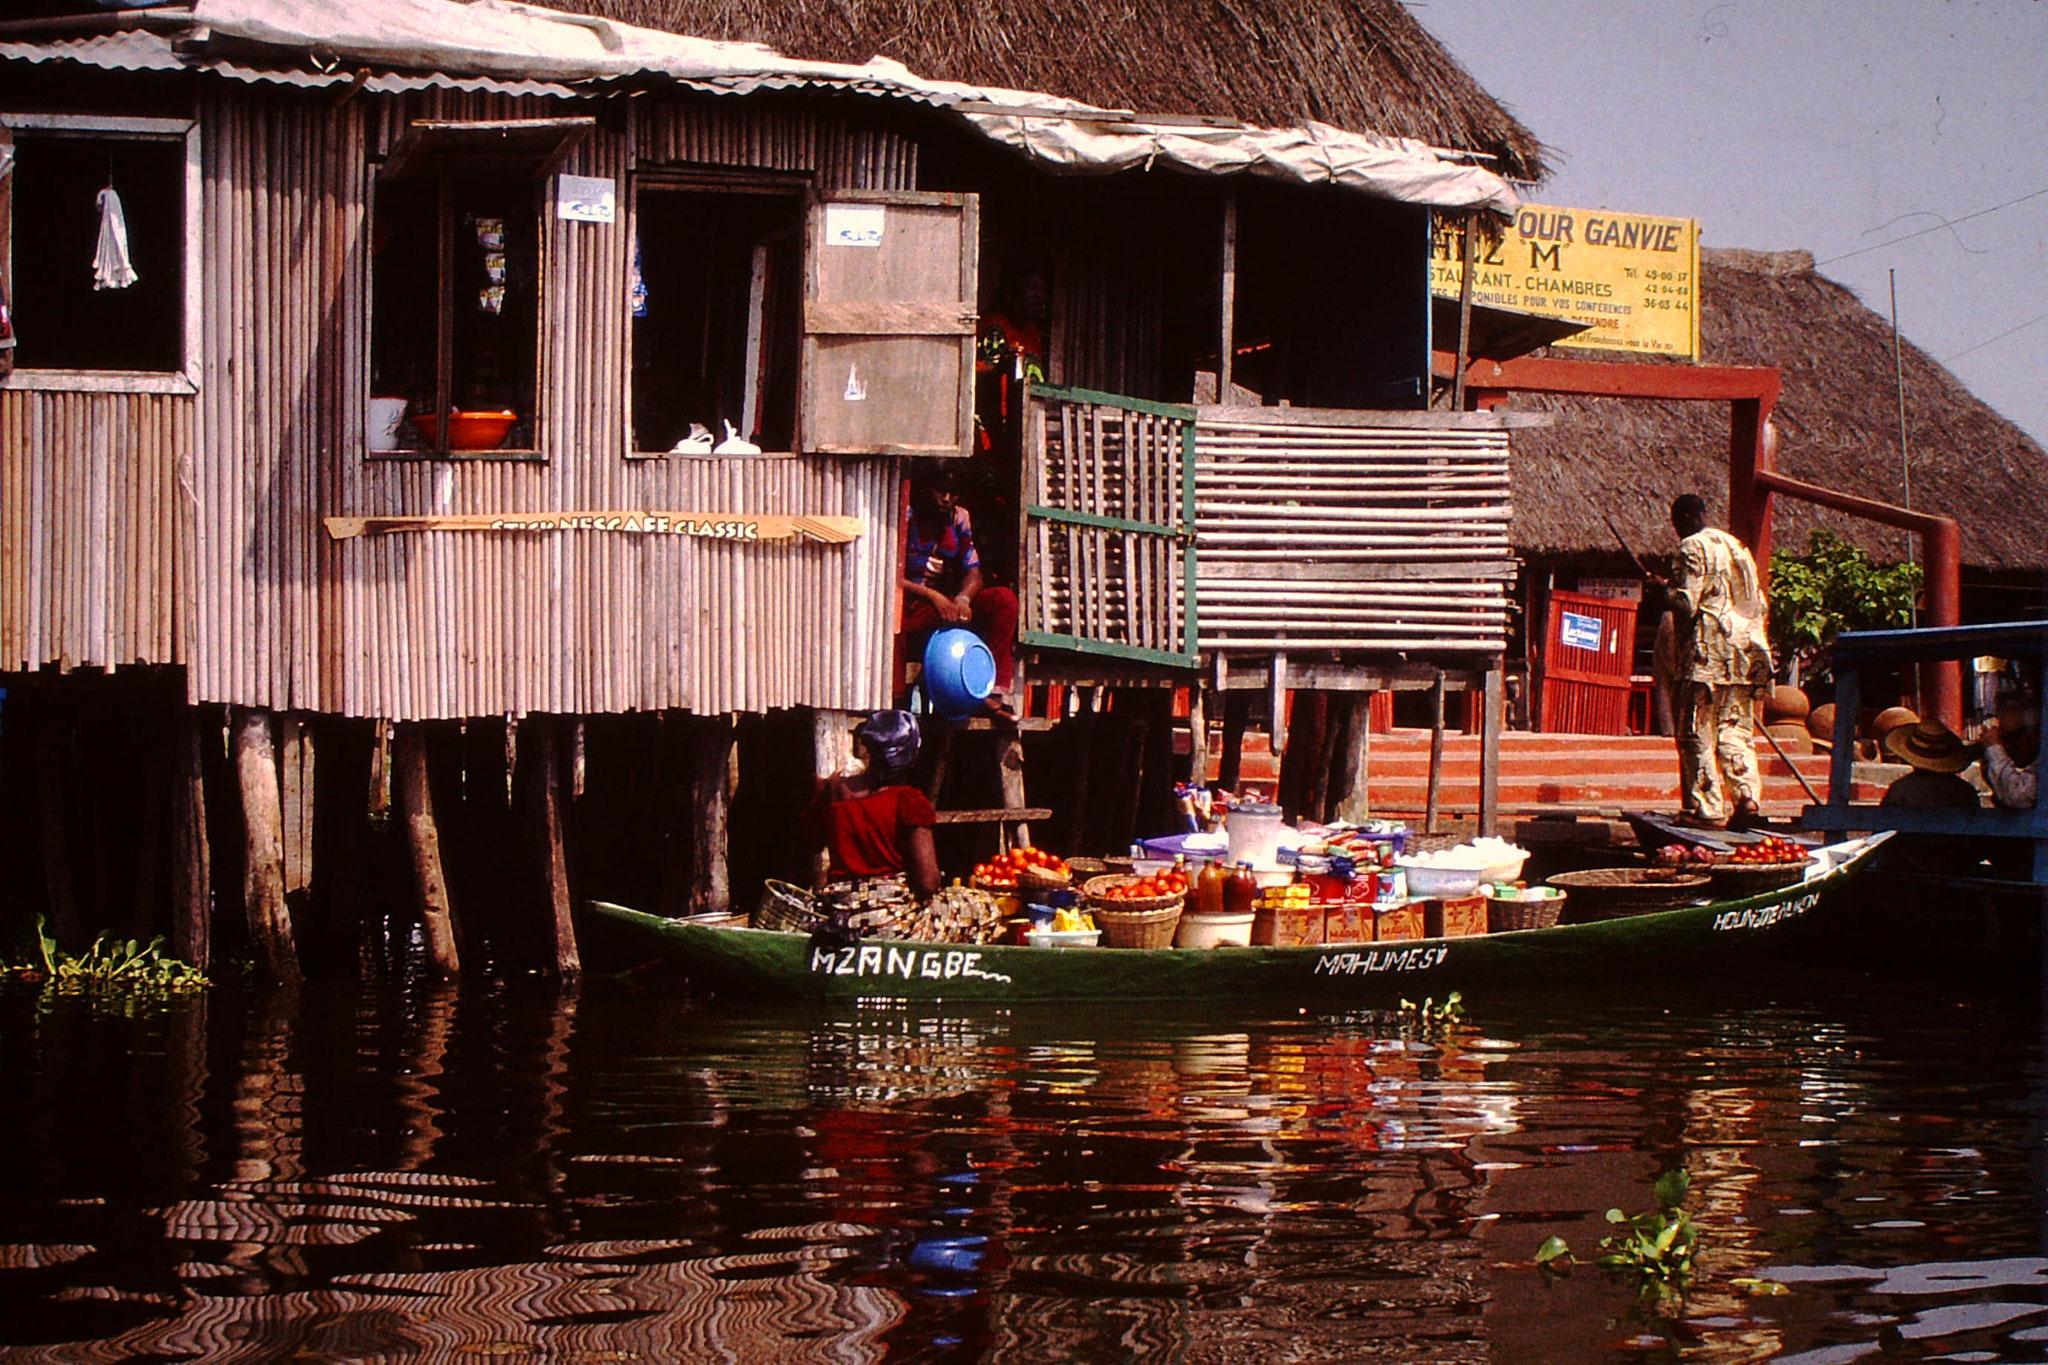 Schwimmender Markt in Ganvie. Sie verkauft Gemüse.